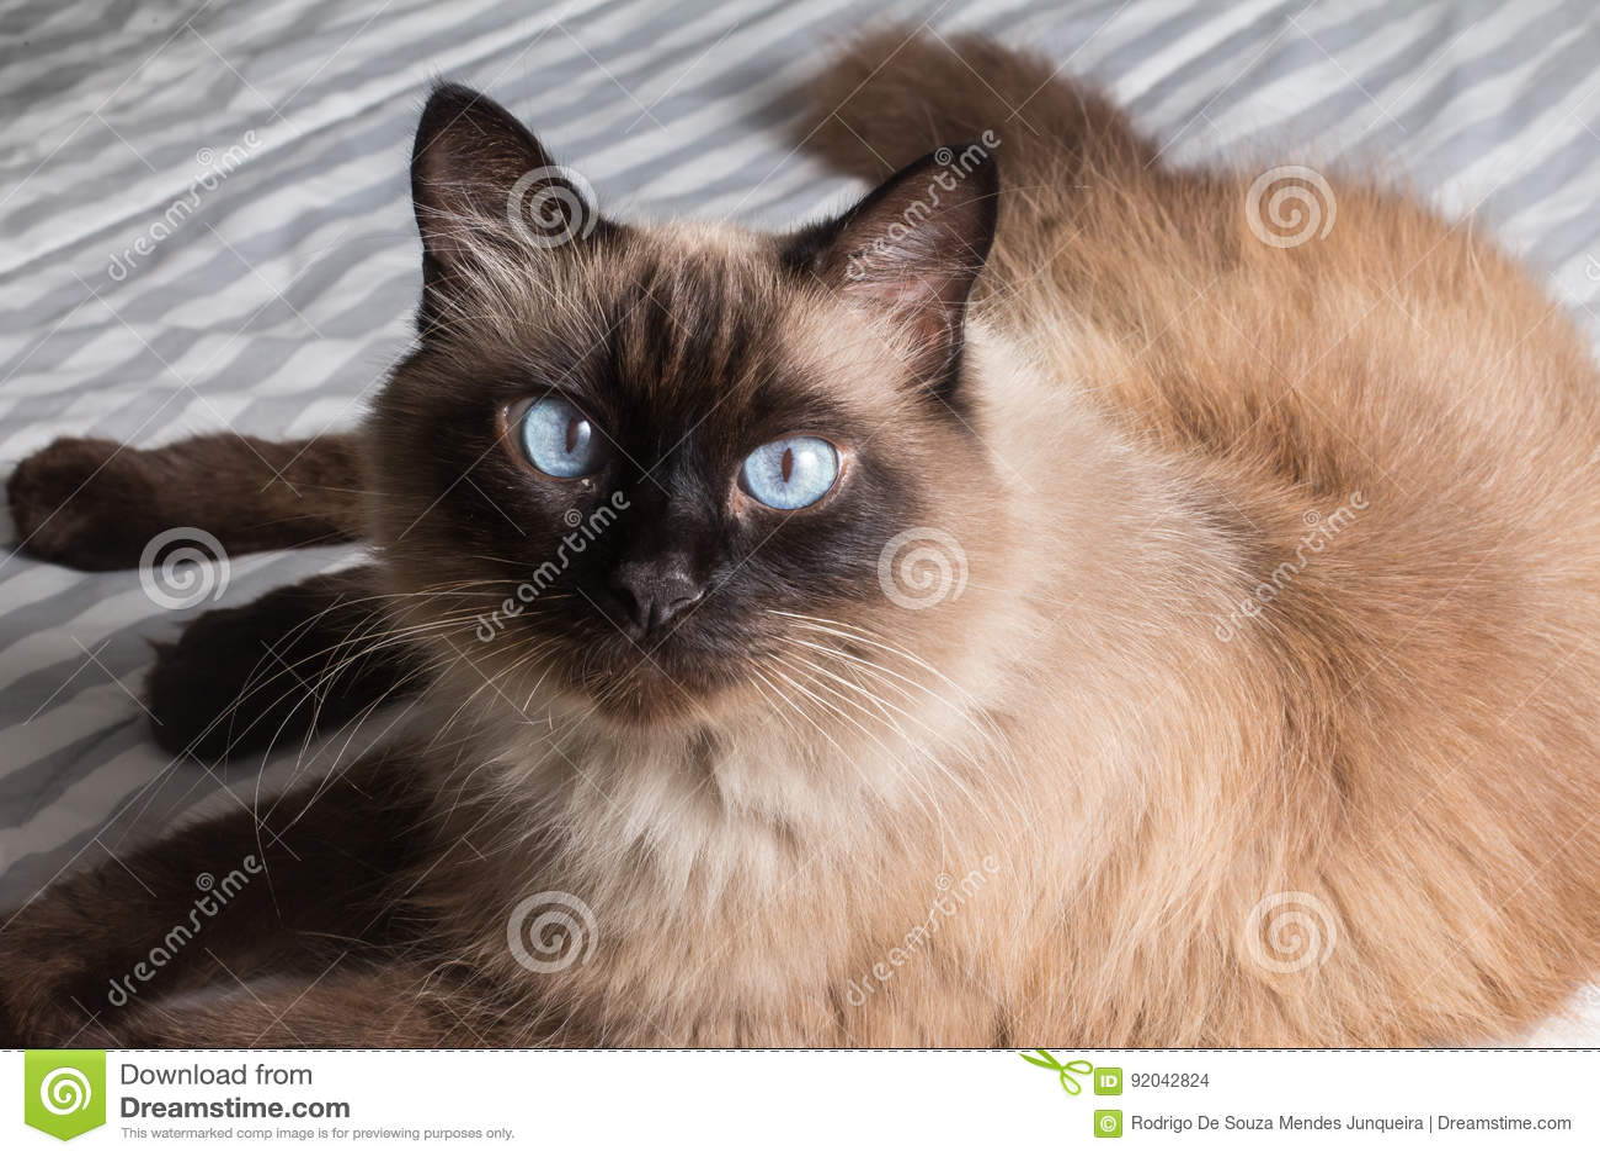 Gatto Siamese Grasso Fotografia Stock Immagine Di Struttura 92042824